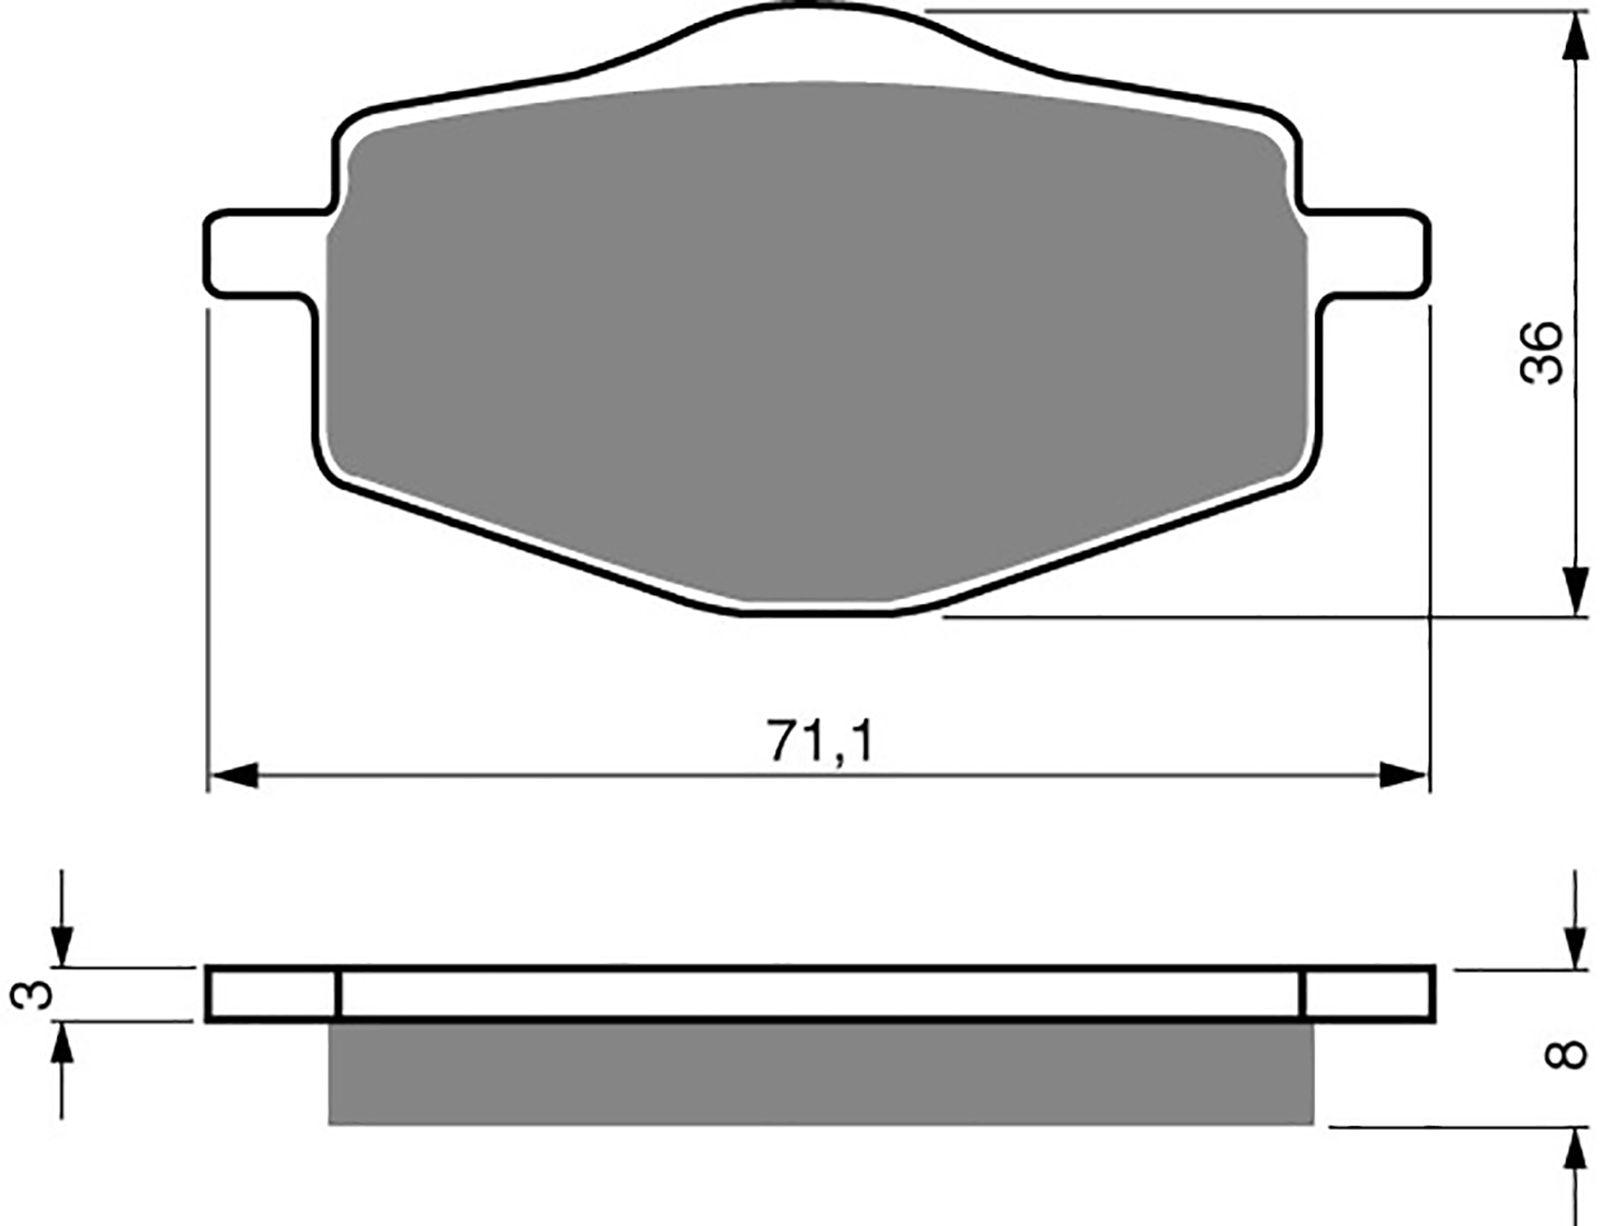 Goldfren K5 Brake Pads - 700018GK image